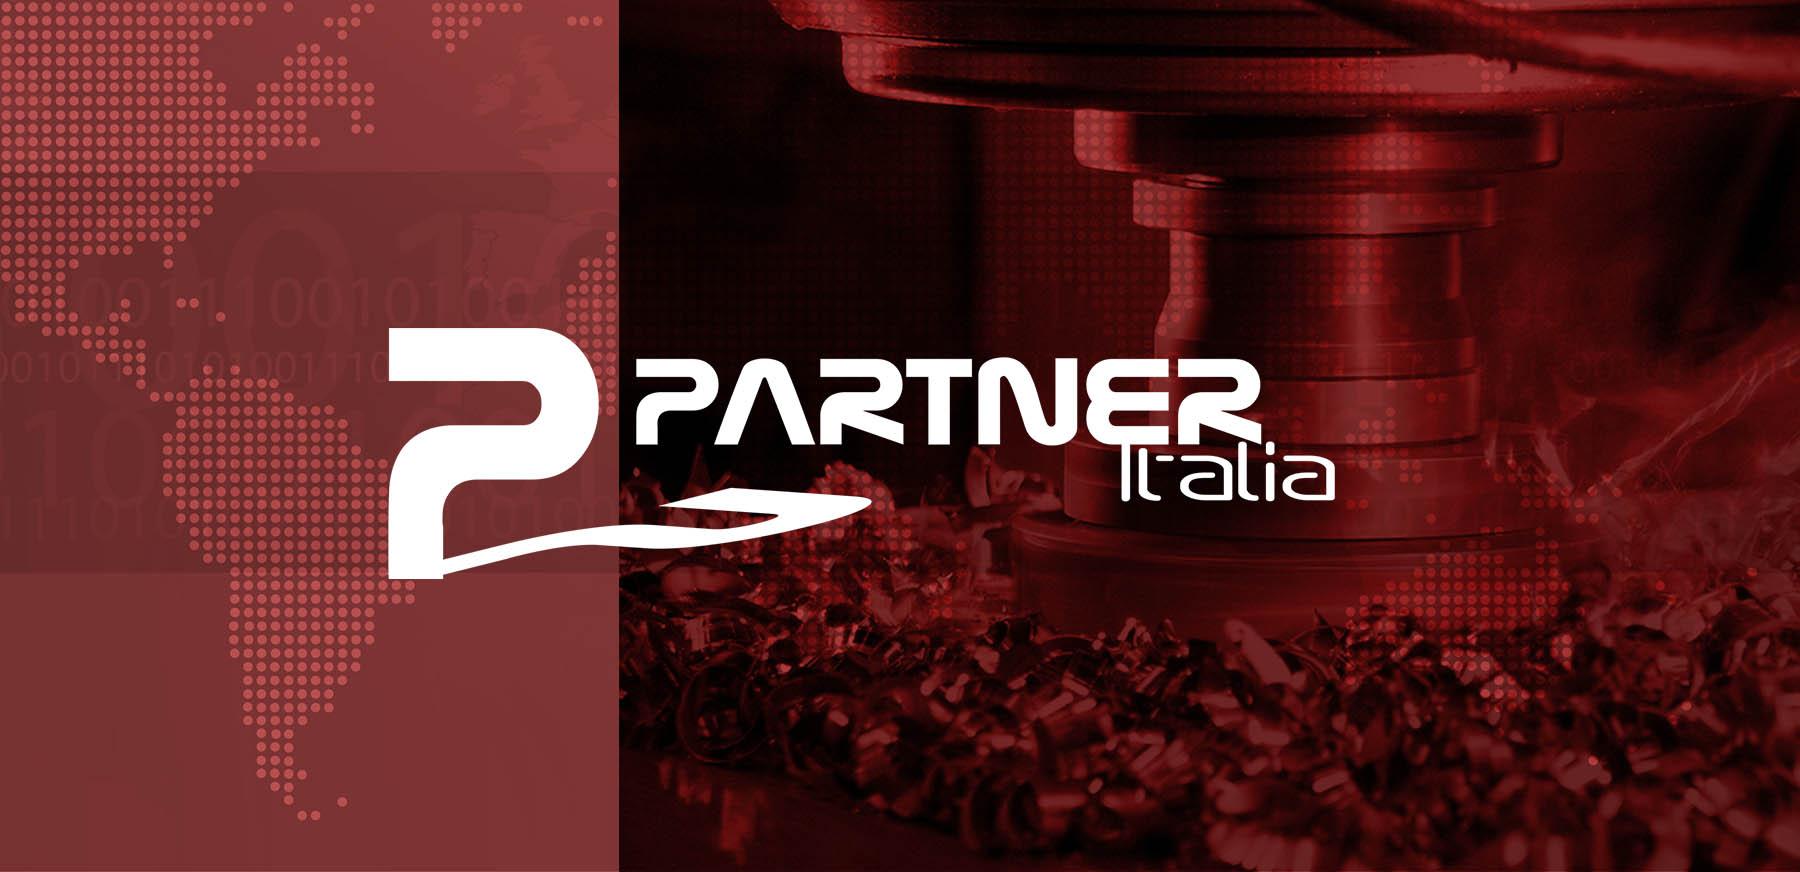 Partner Italia Macchine Utensili